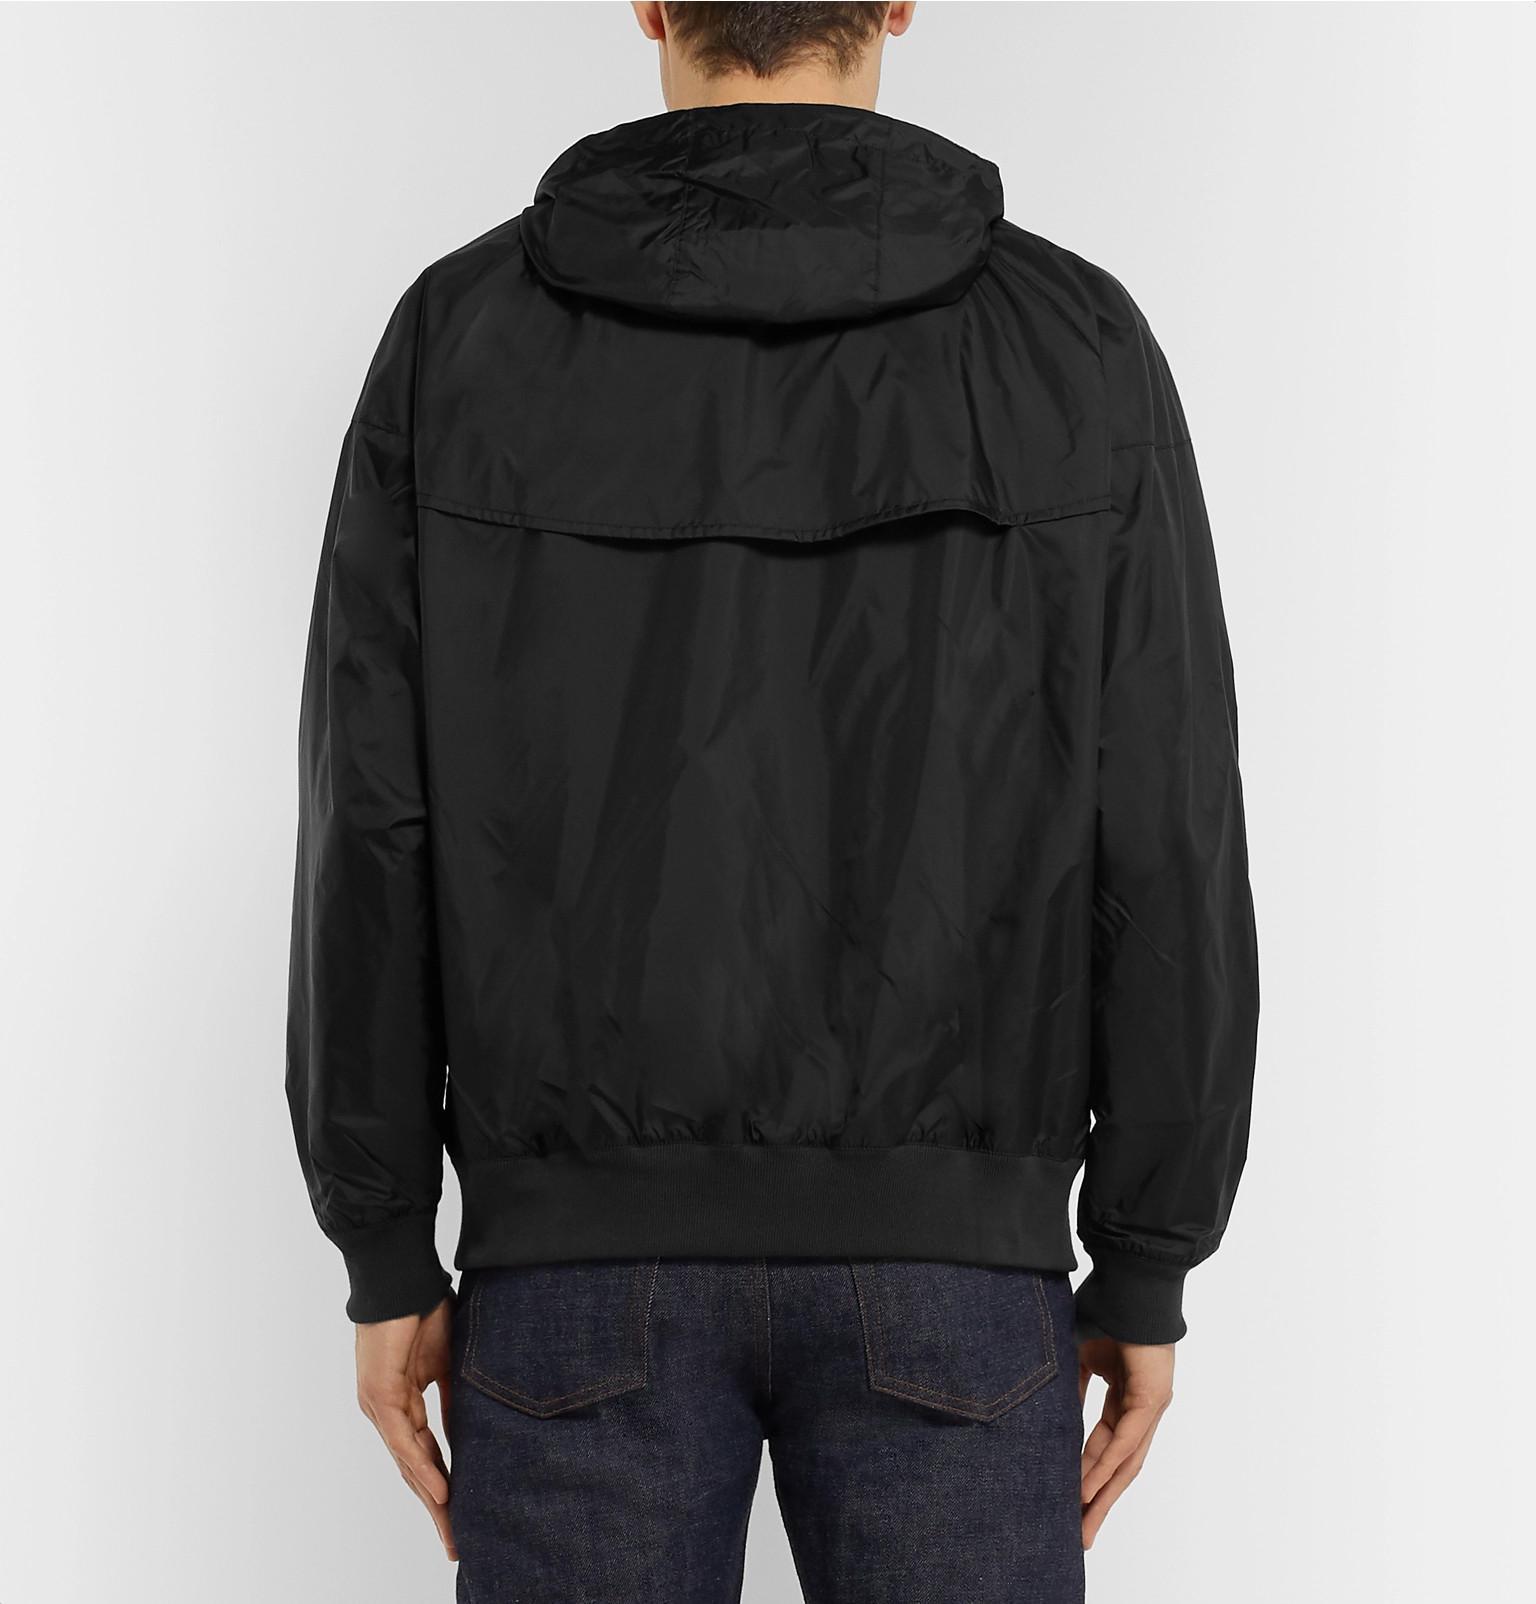 dfe635c4ed20 Nike - Black Windrunner Shell Hooded Jacket for Men - Lyst. View fullscreen